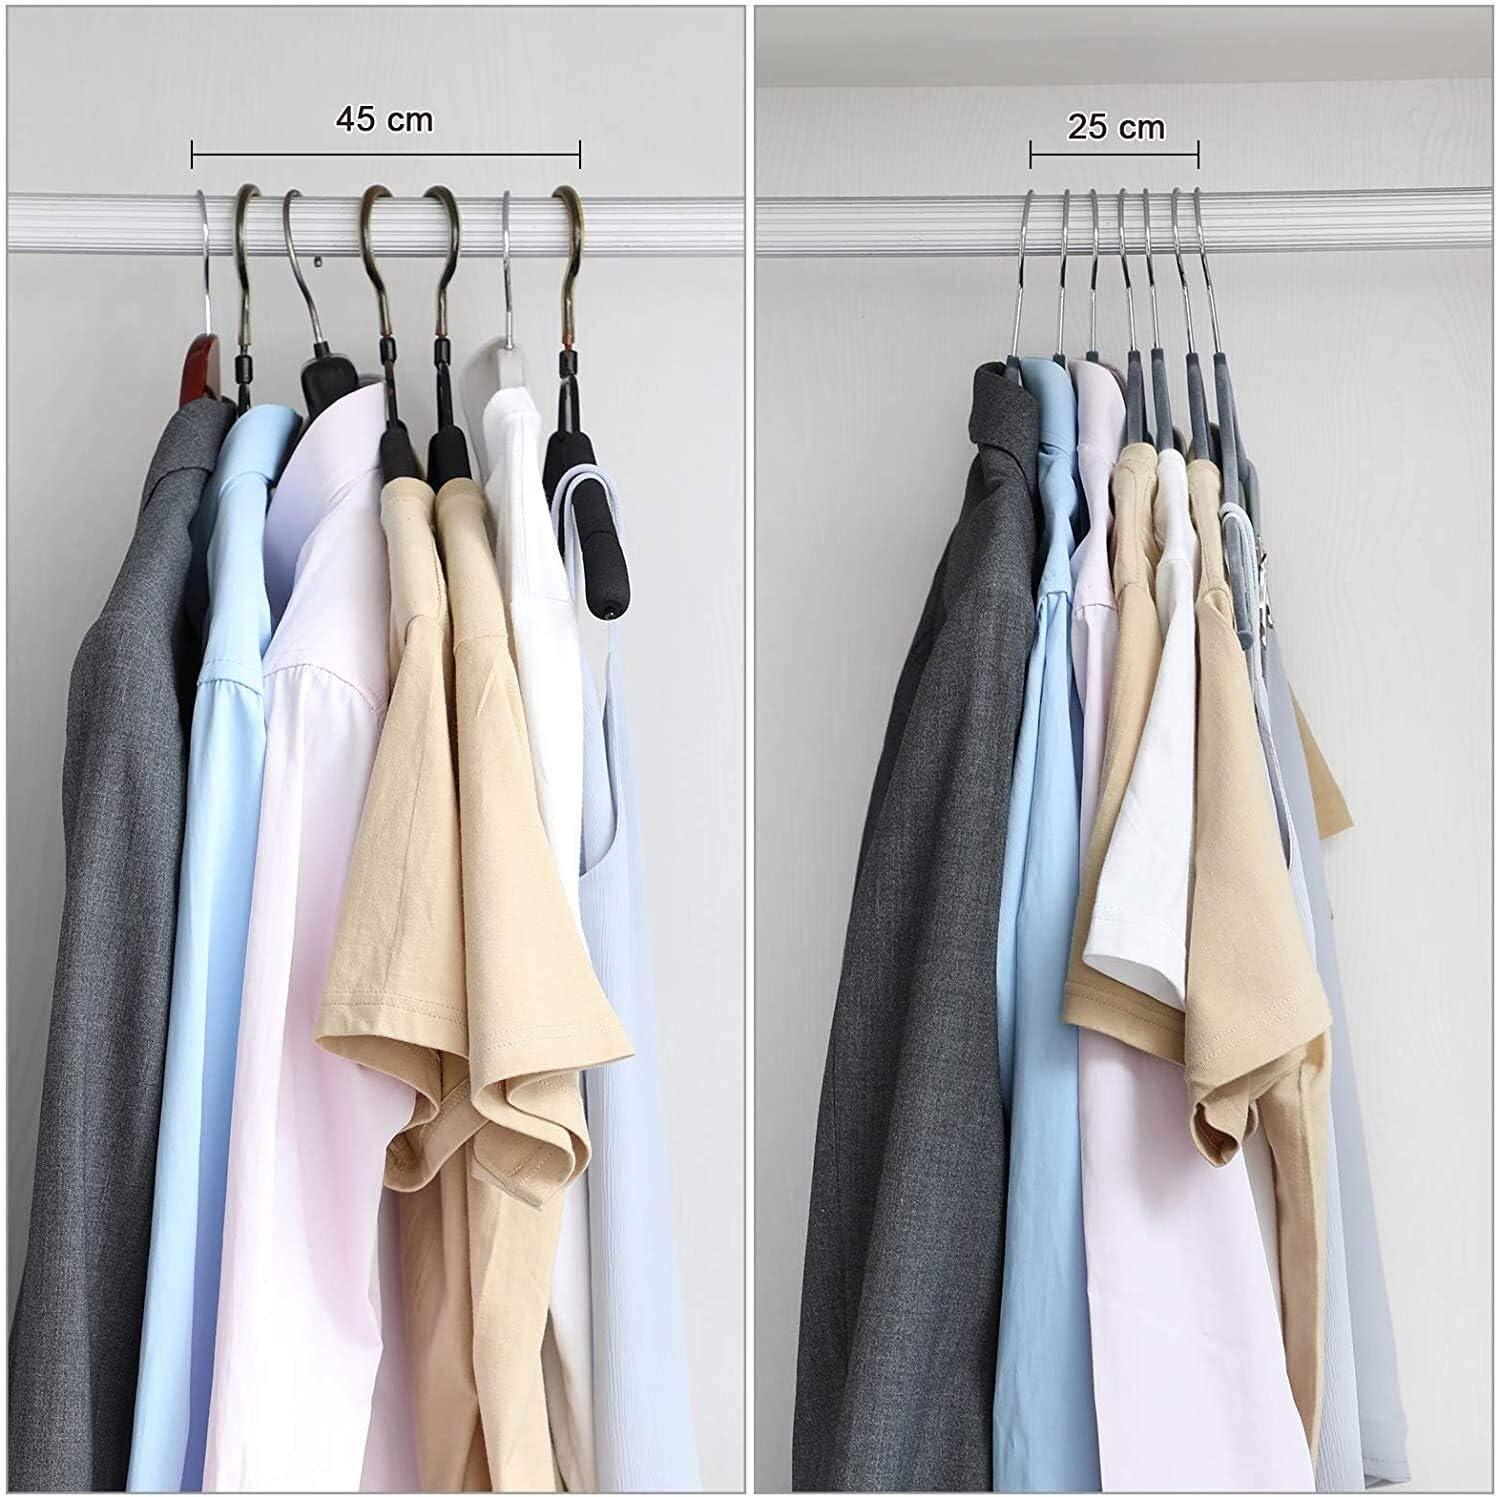 Noir CRF12B-30 cintr lourds SCD 30-Pack Pantalon CROCHETS 42,5 cm Pantalon velours Cintres avec clips r/églables antid/érapants et peu encombrant for les pantalons manteaux jupes robes d/ébardeurs